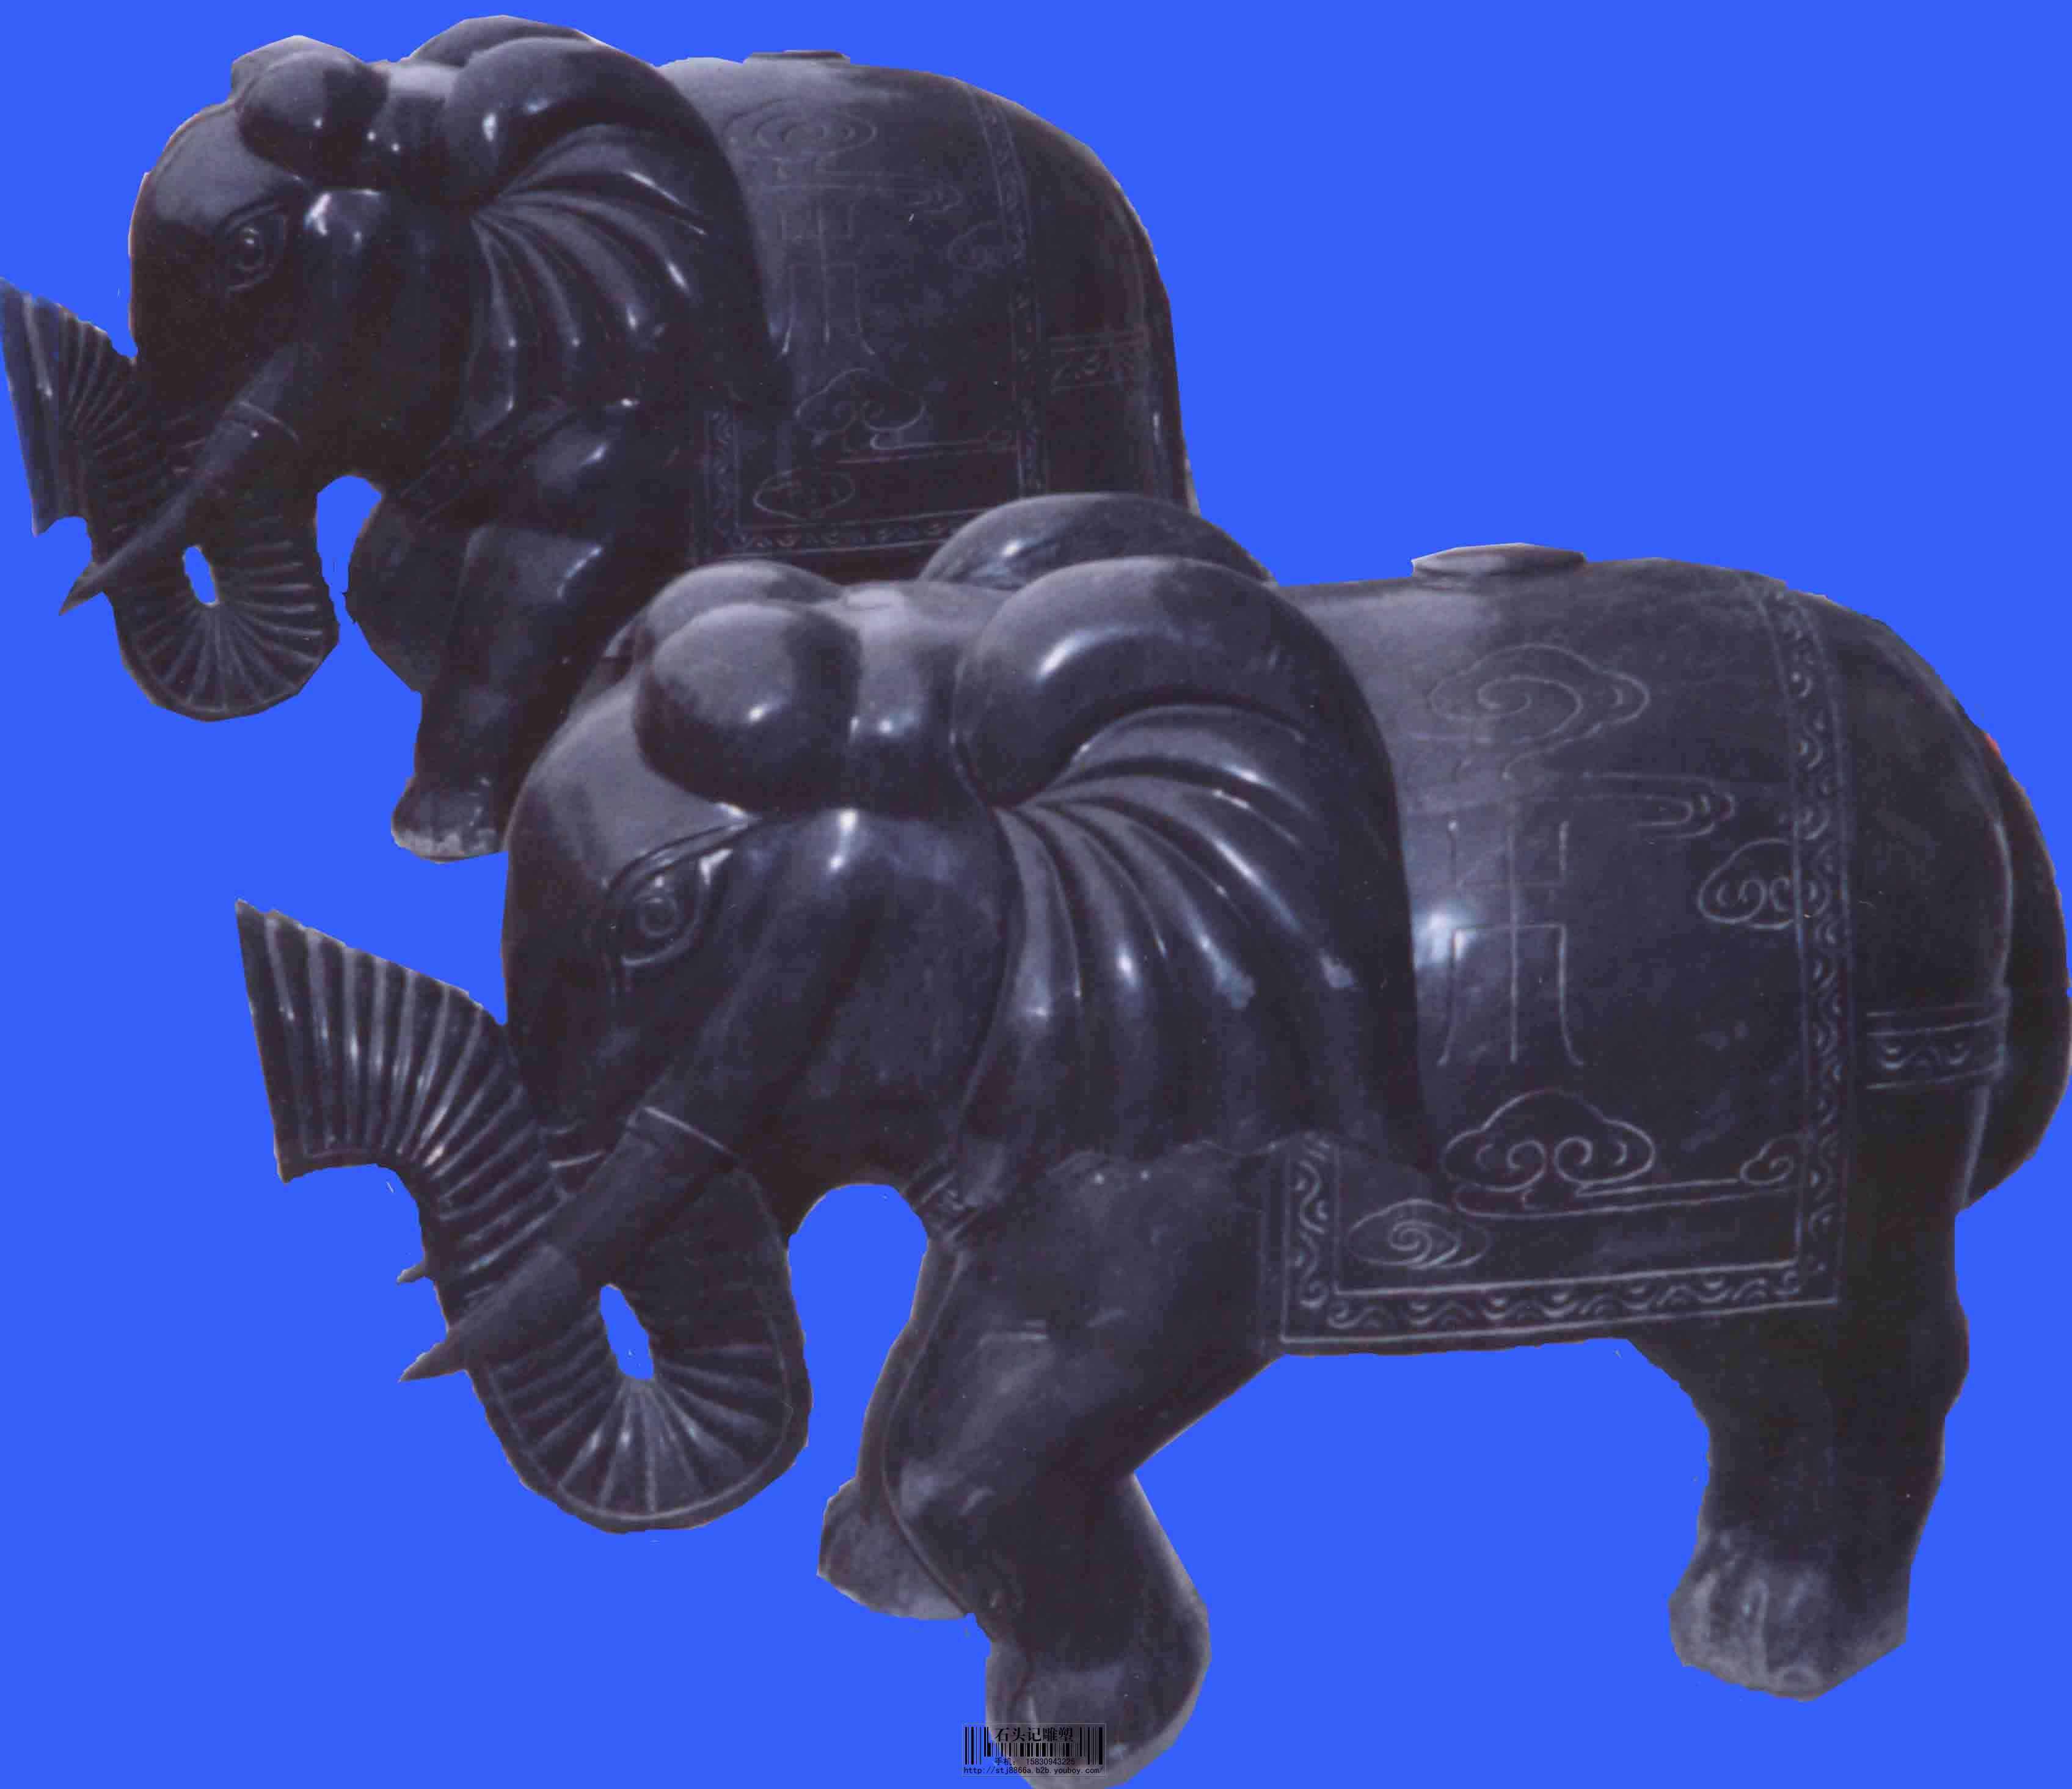 大象_大象供货商_供应雕塑大象001